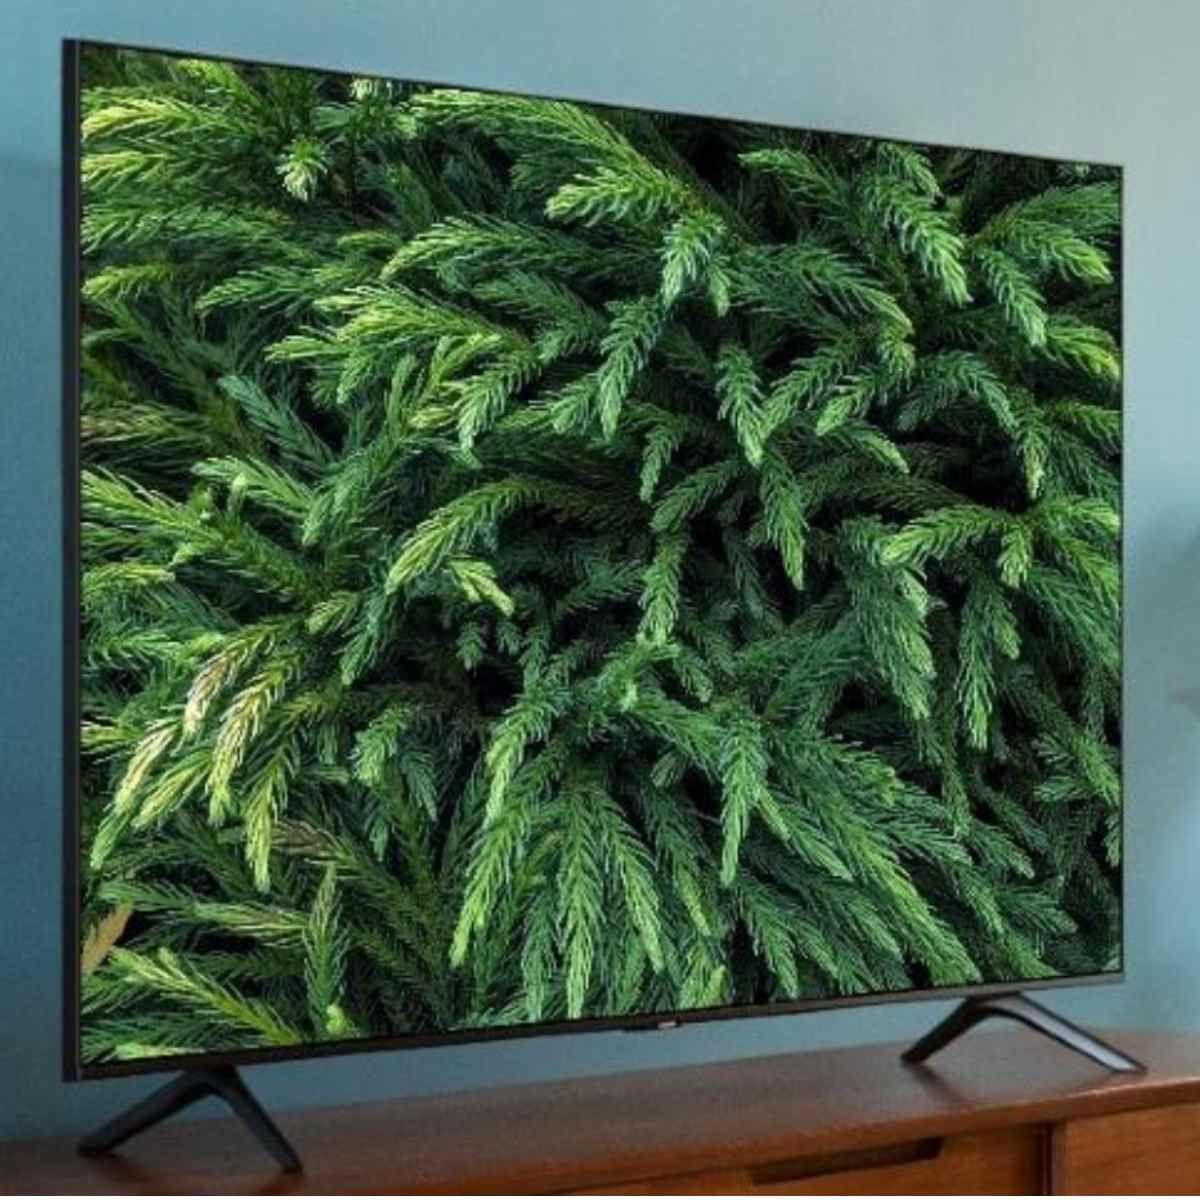 सैमसंग Crystal 75 इंच 4K UHD टीवी 2020